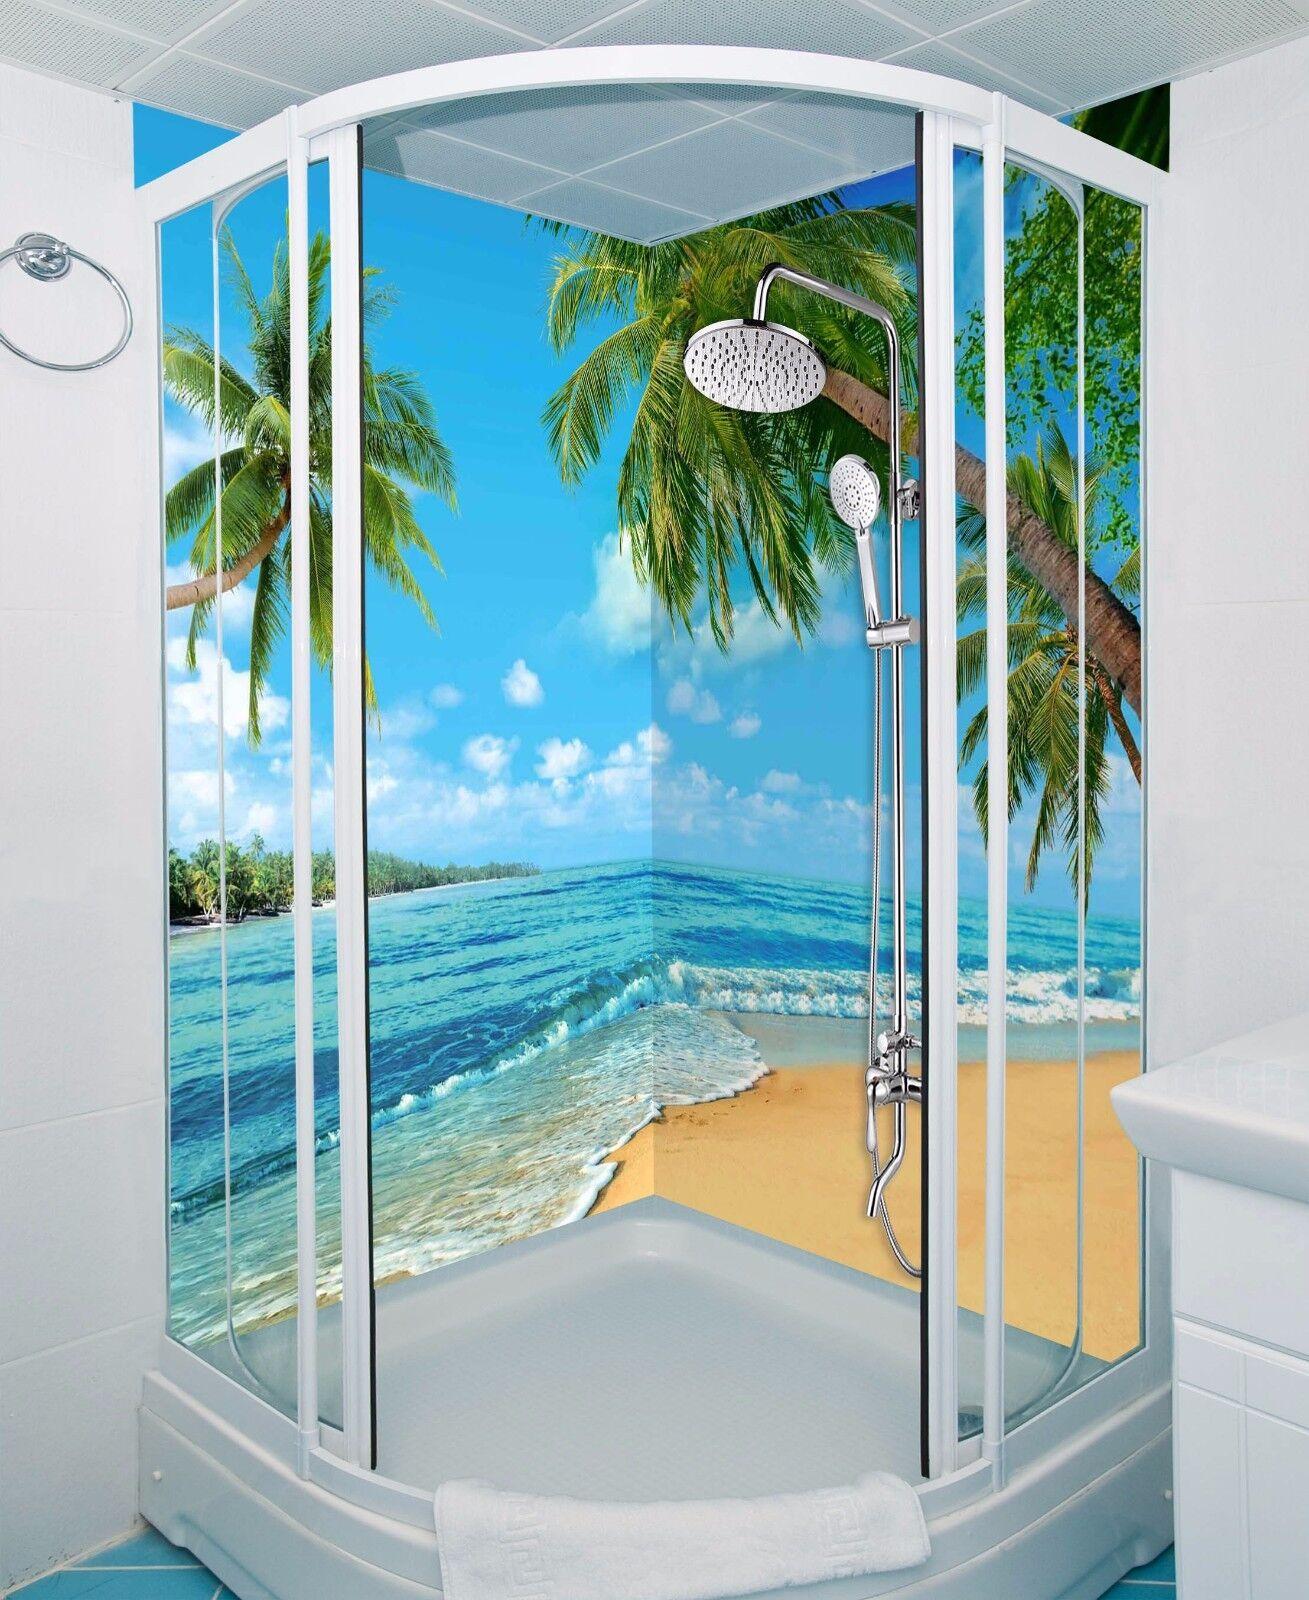 3D Coconut trees 535 WallPaper Bathroom Print Decal Wall Deco AJ WALLPAPER UK